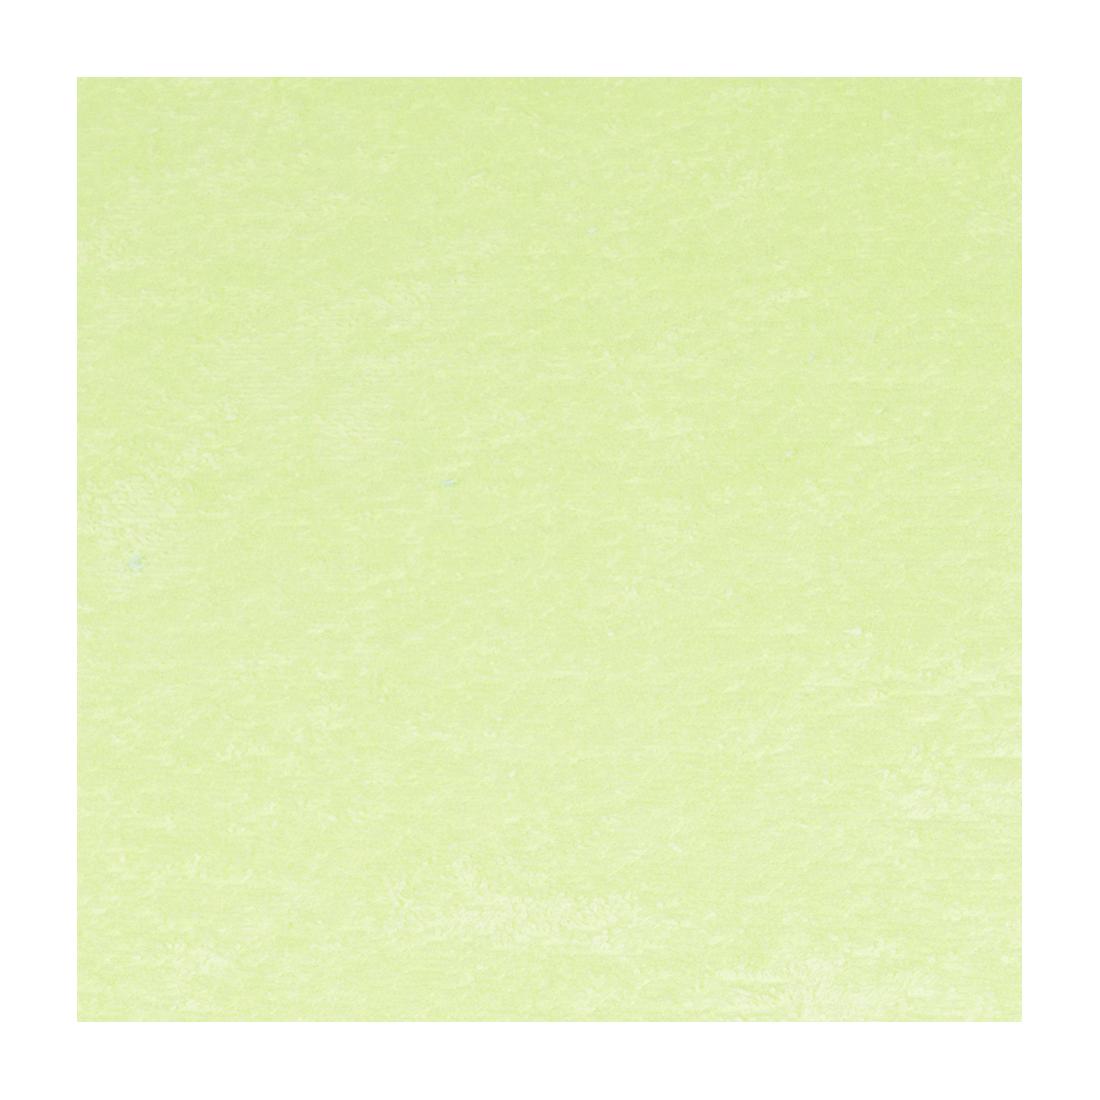 NP froté podkova 35x35 Z, zelená